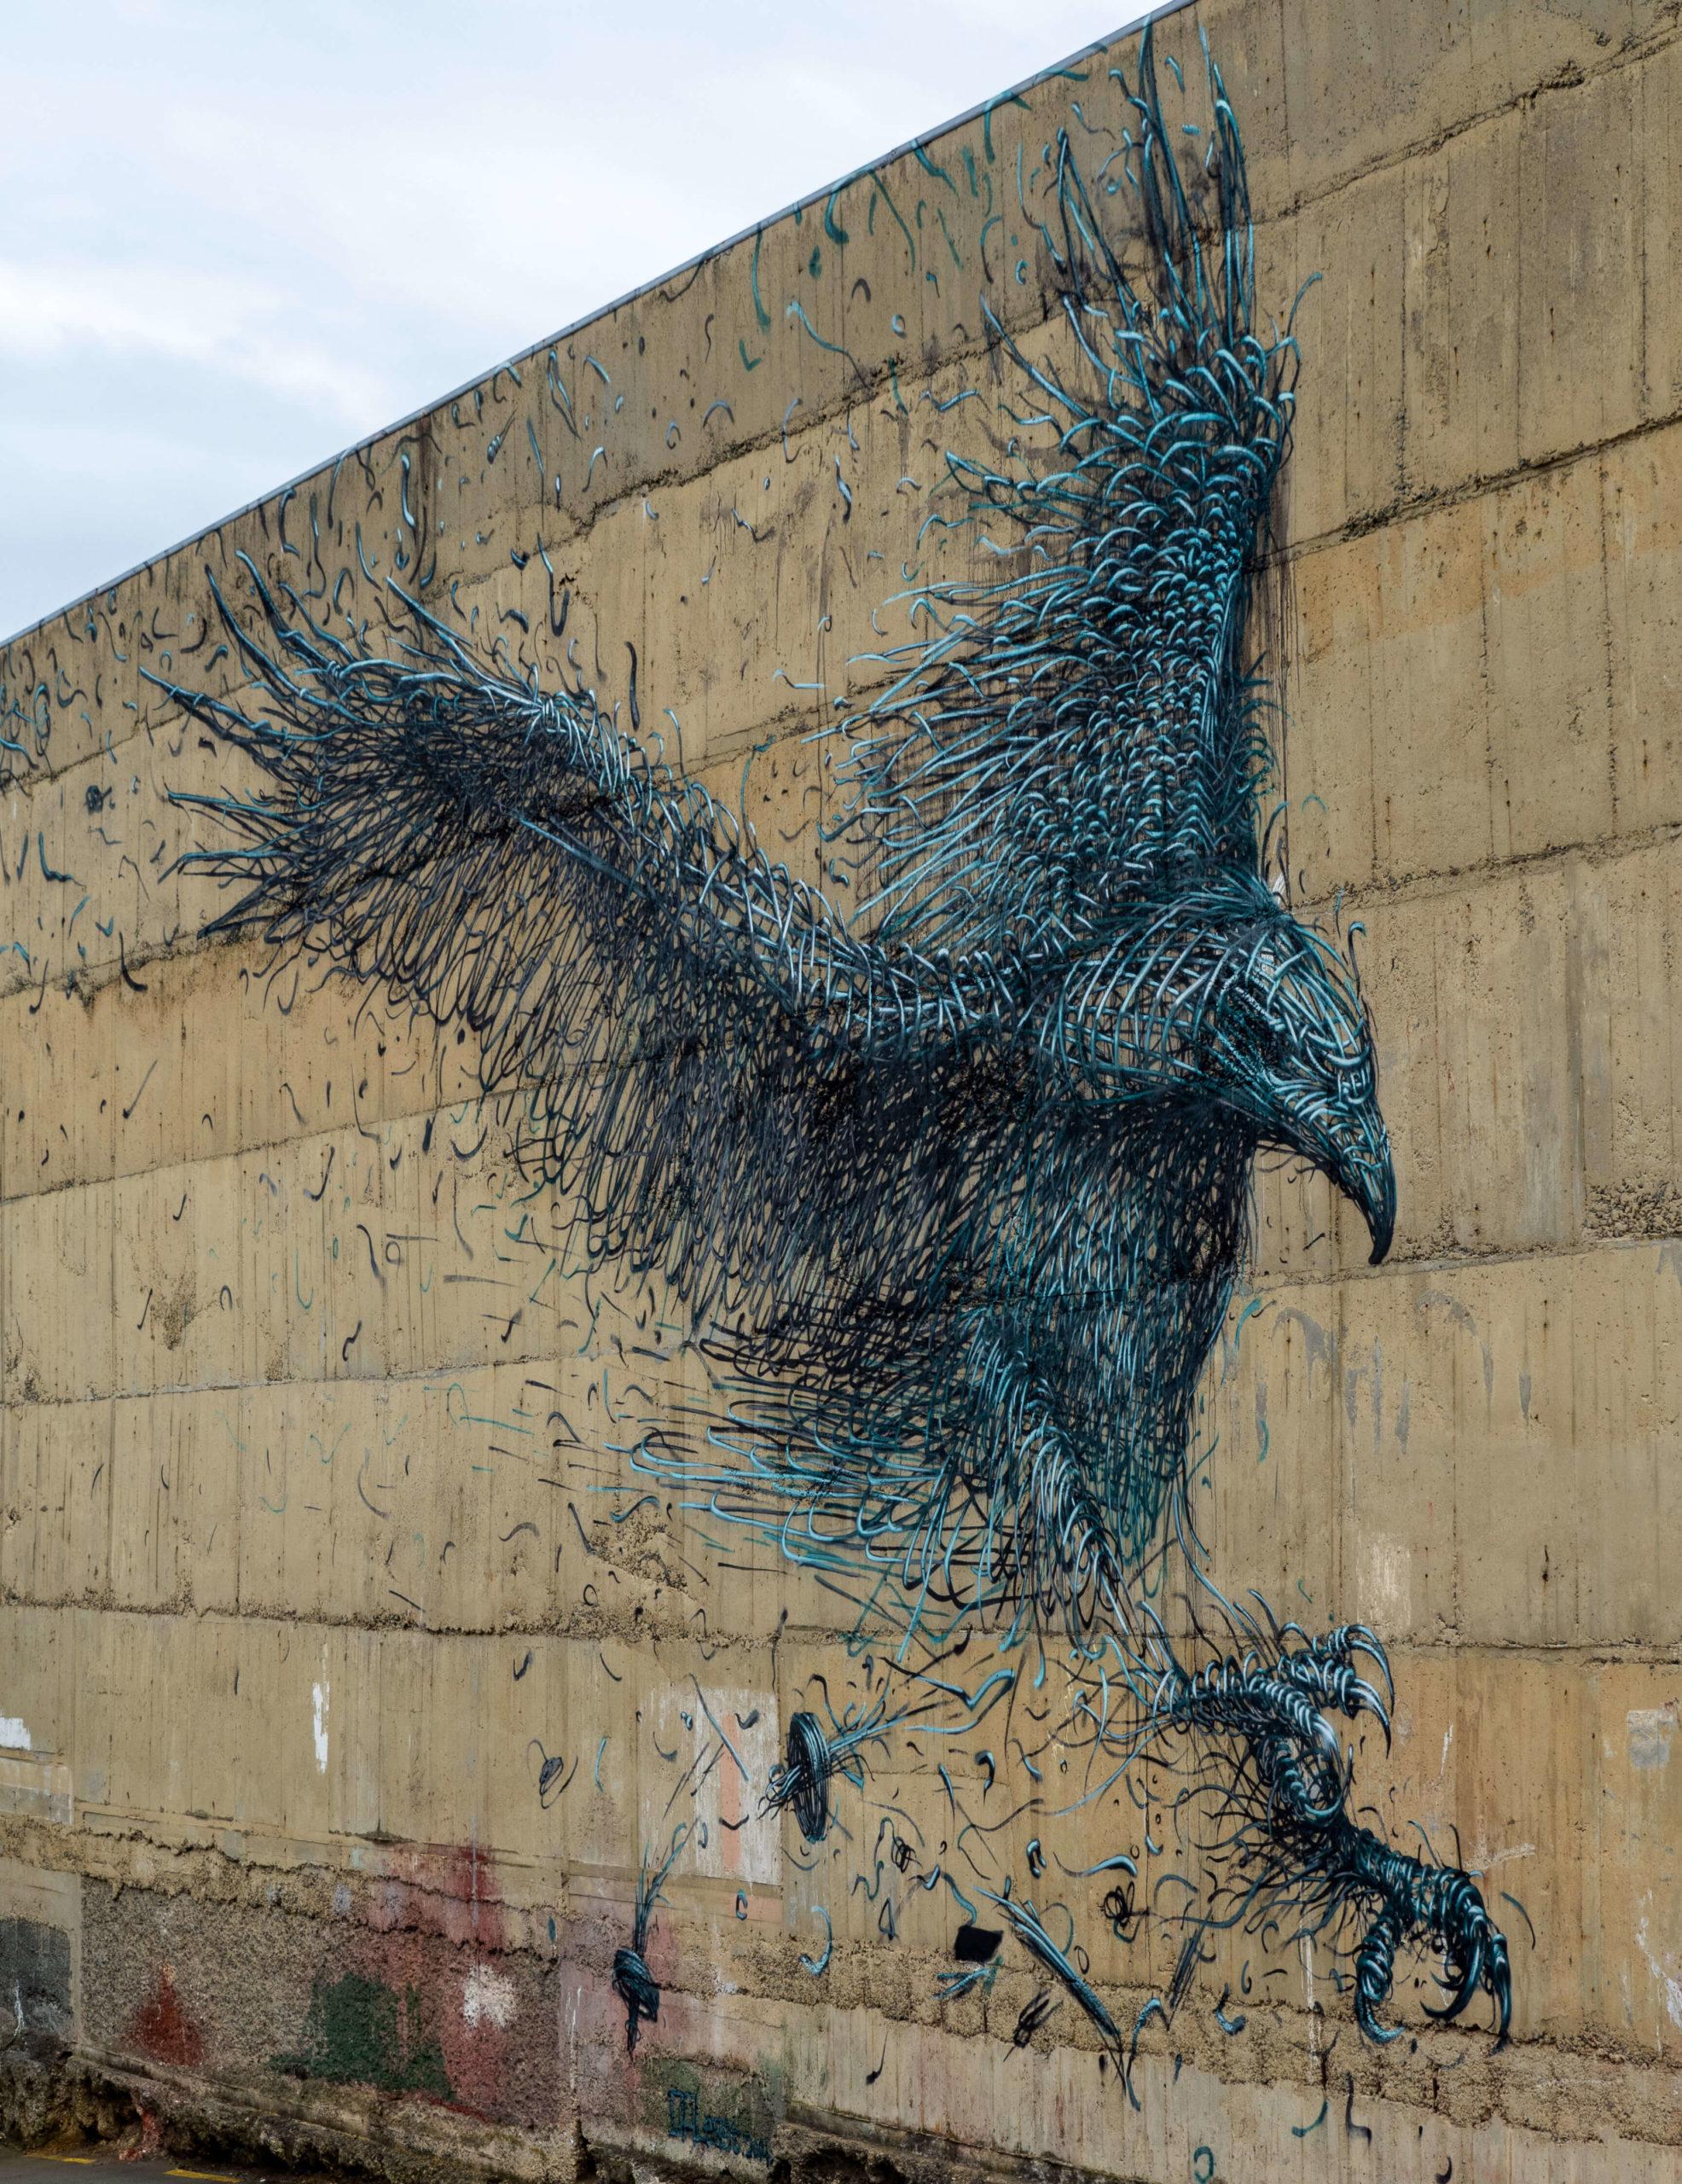 Aigle street art trail Dunedin